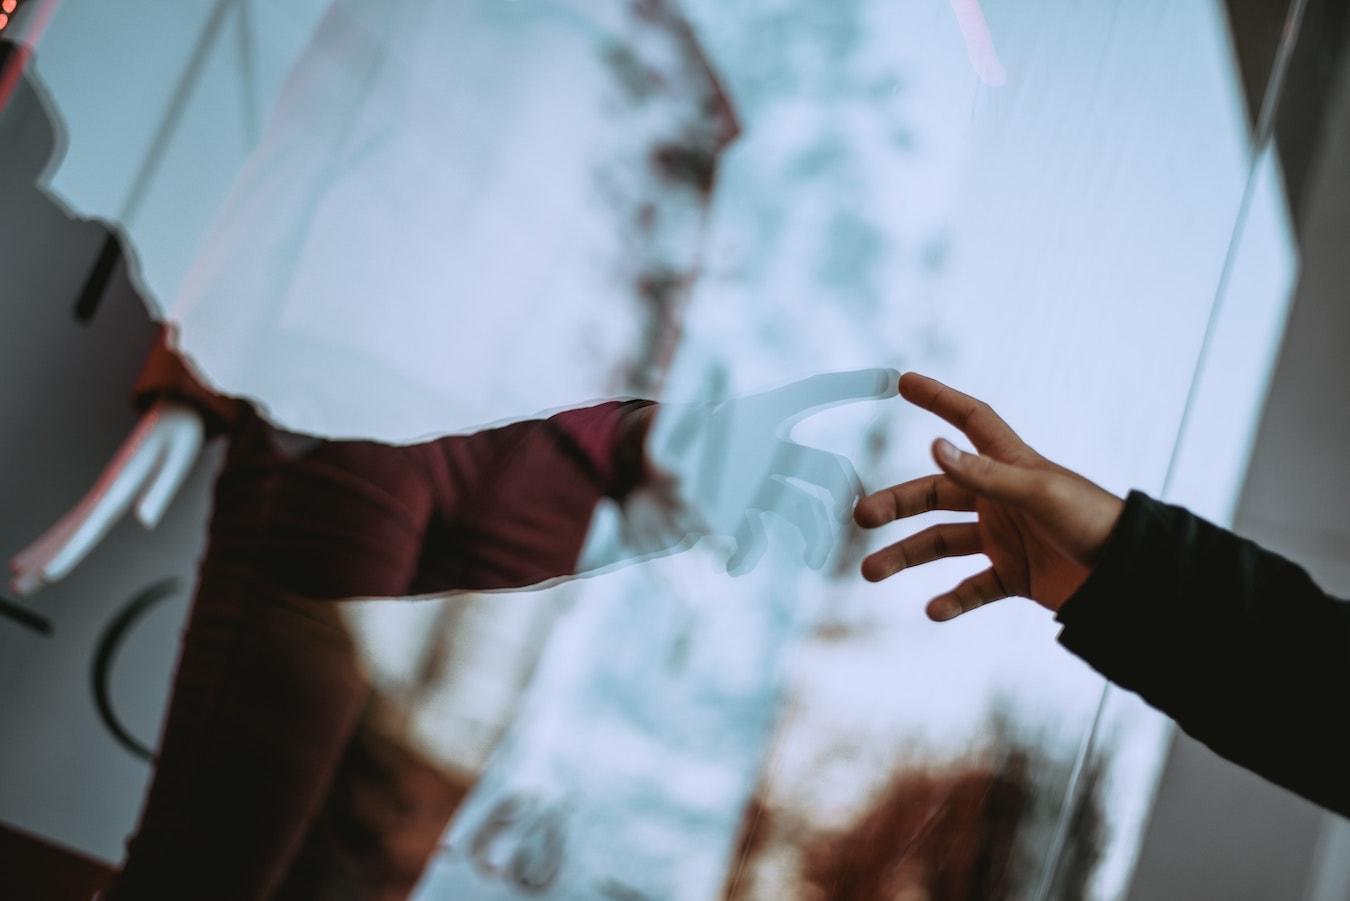 Spiegelbild einer Hand im Fenster: Mit dem höheren Bewusstsein verbinden